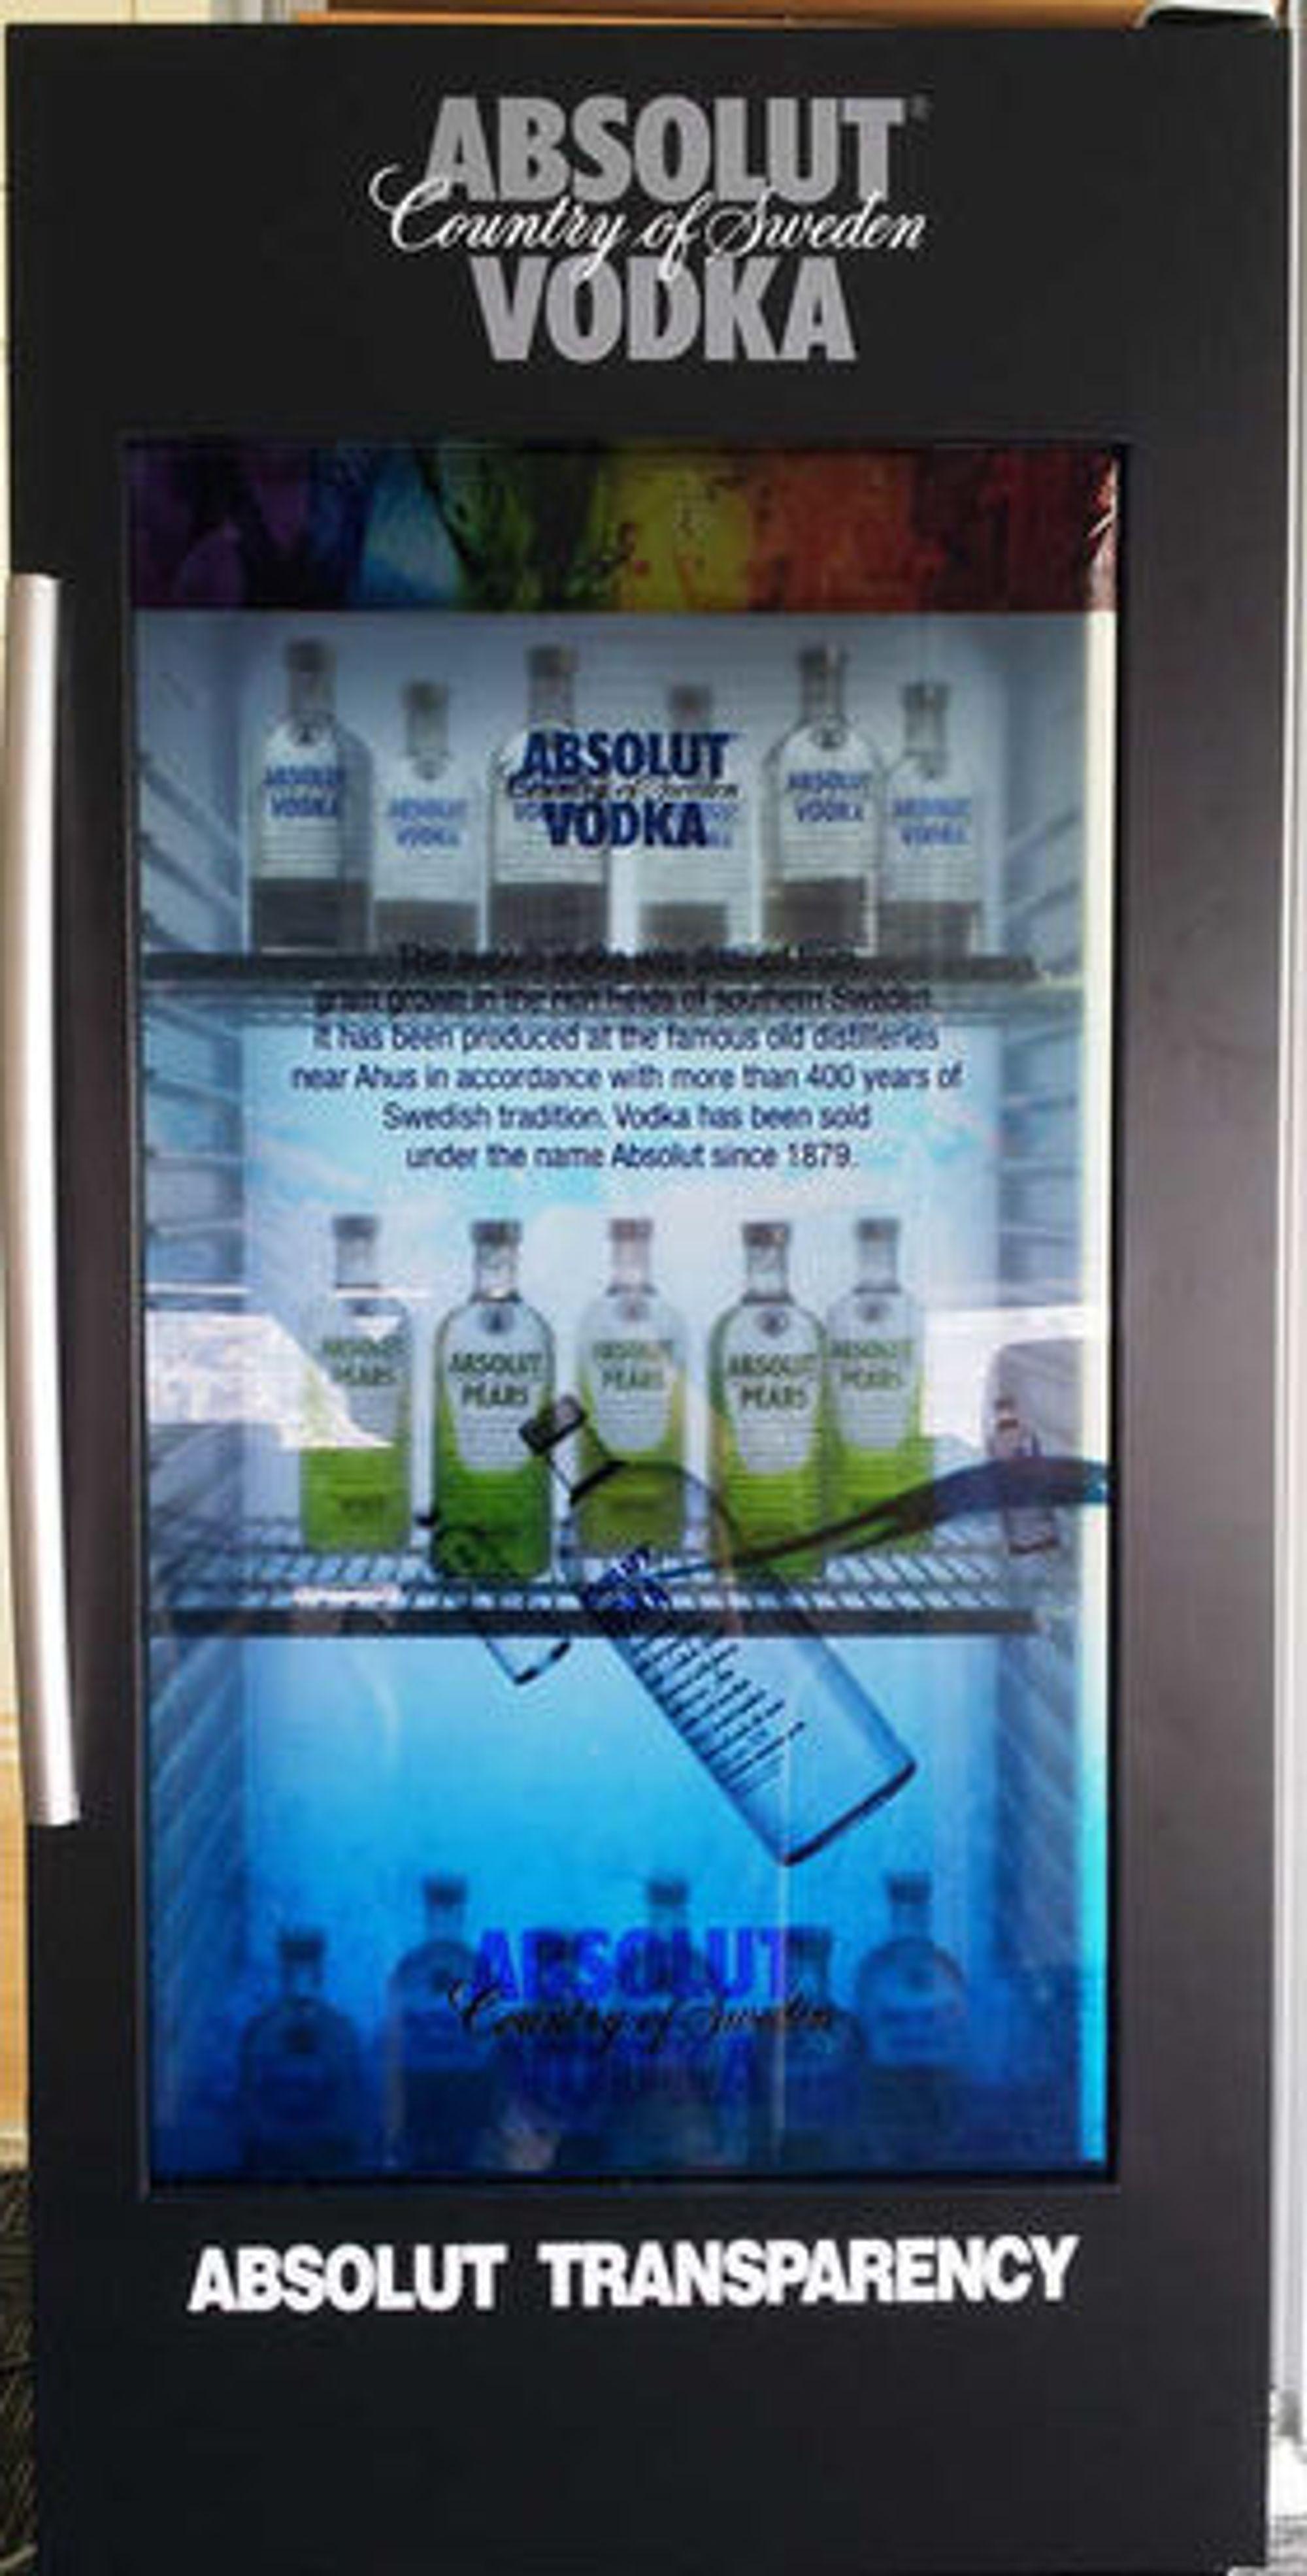 Kjøleskap utstyrt med Samsung Transparent Smart Window i døren.